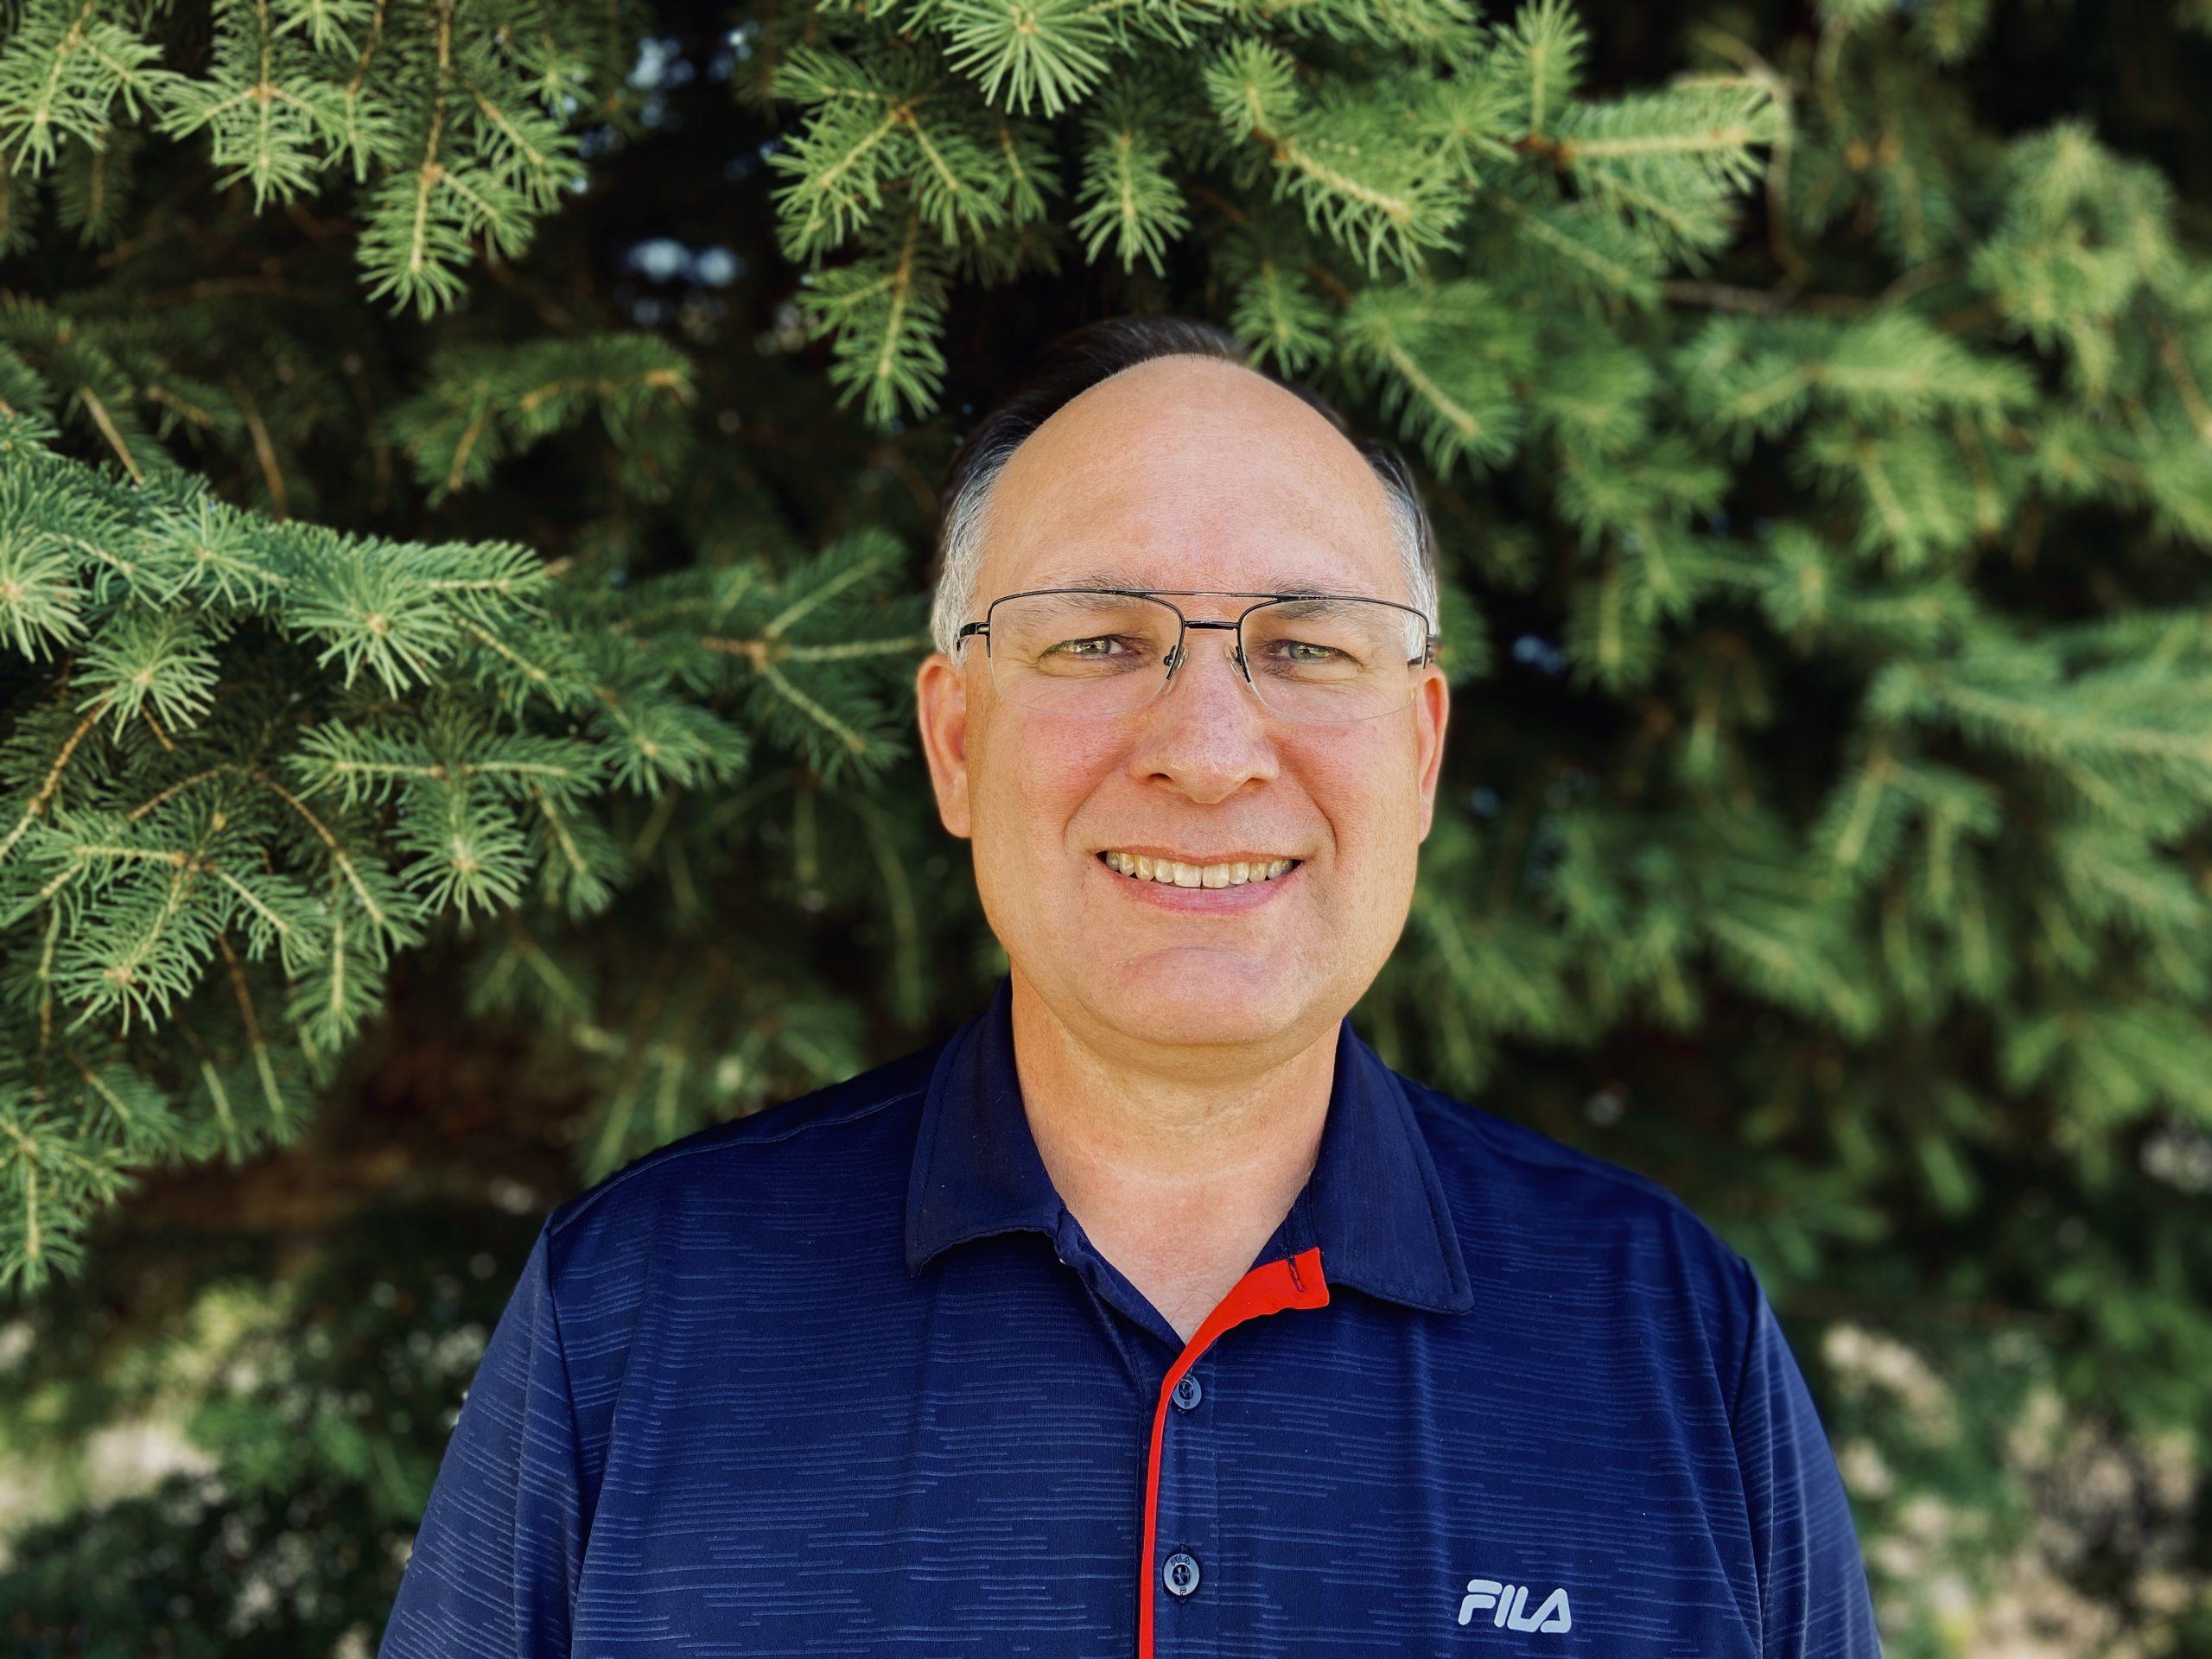 Rob Lee, Executive Director/Treasurer at Utah Idaho SBC